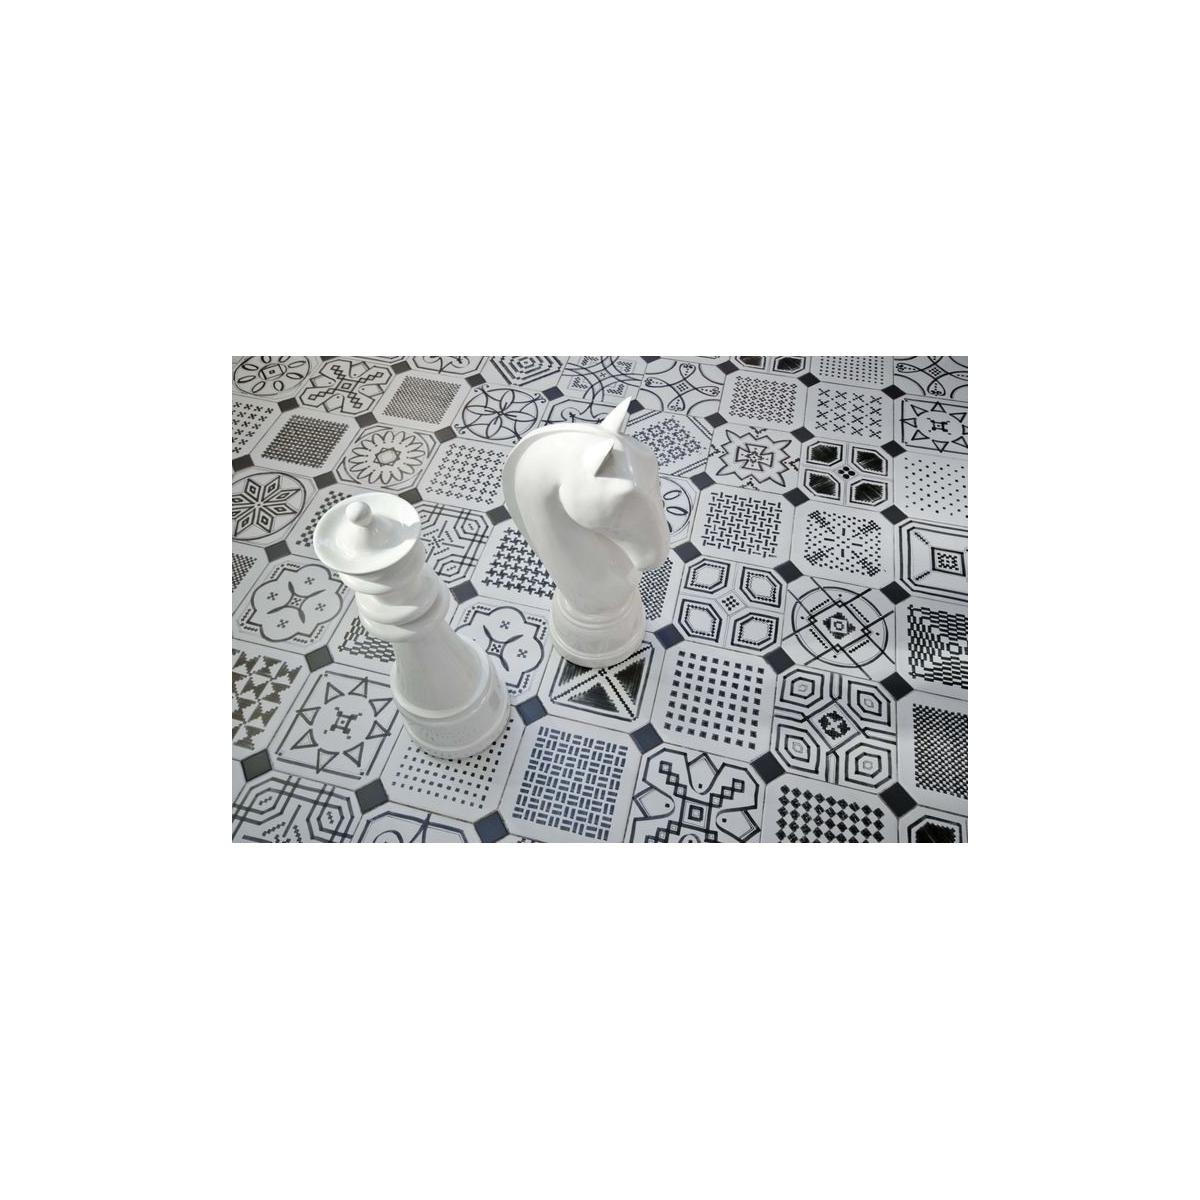 Octógono Variette Sombra 20x20 - Losas hidráulicas Porcelánico antideslizante Vives